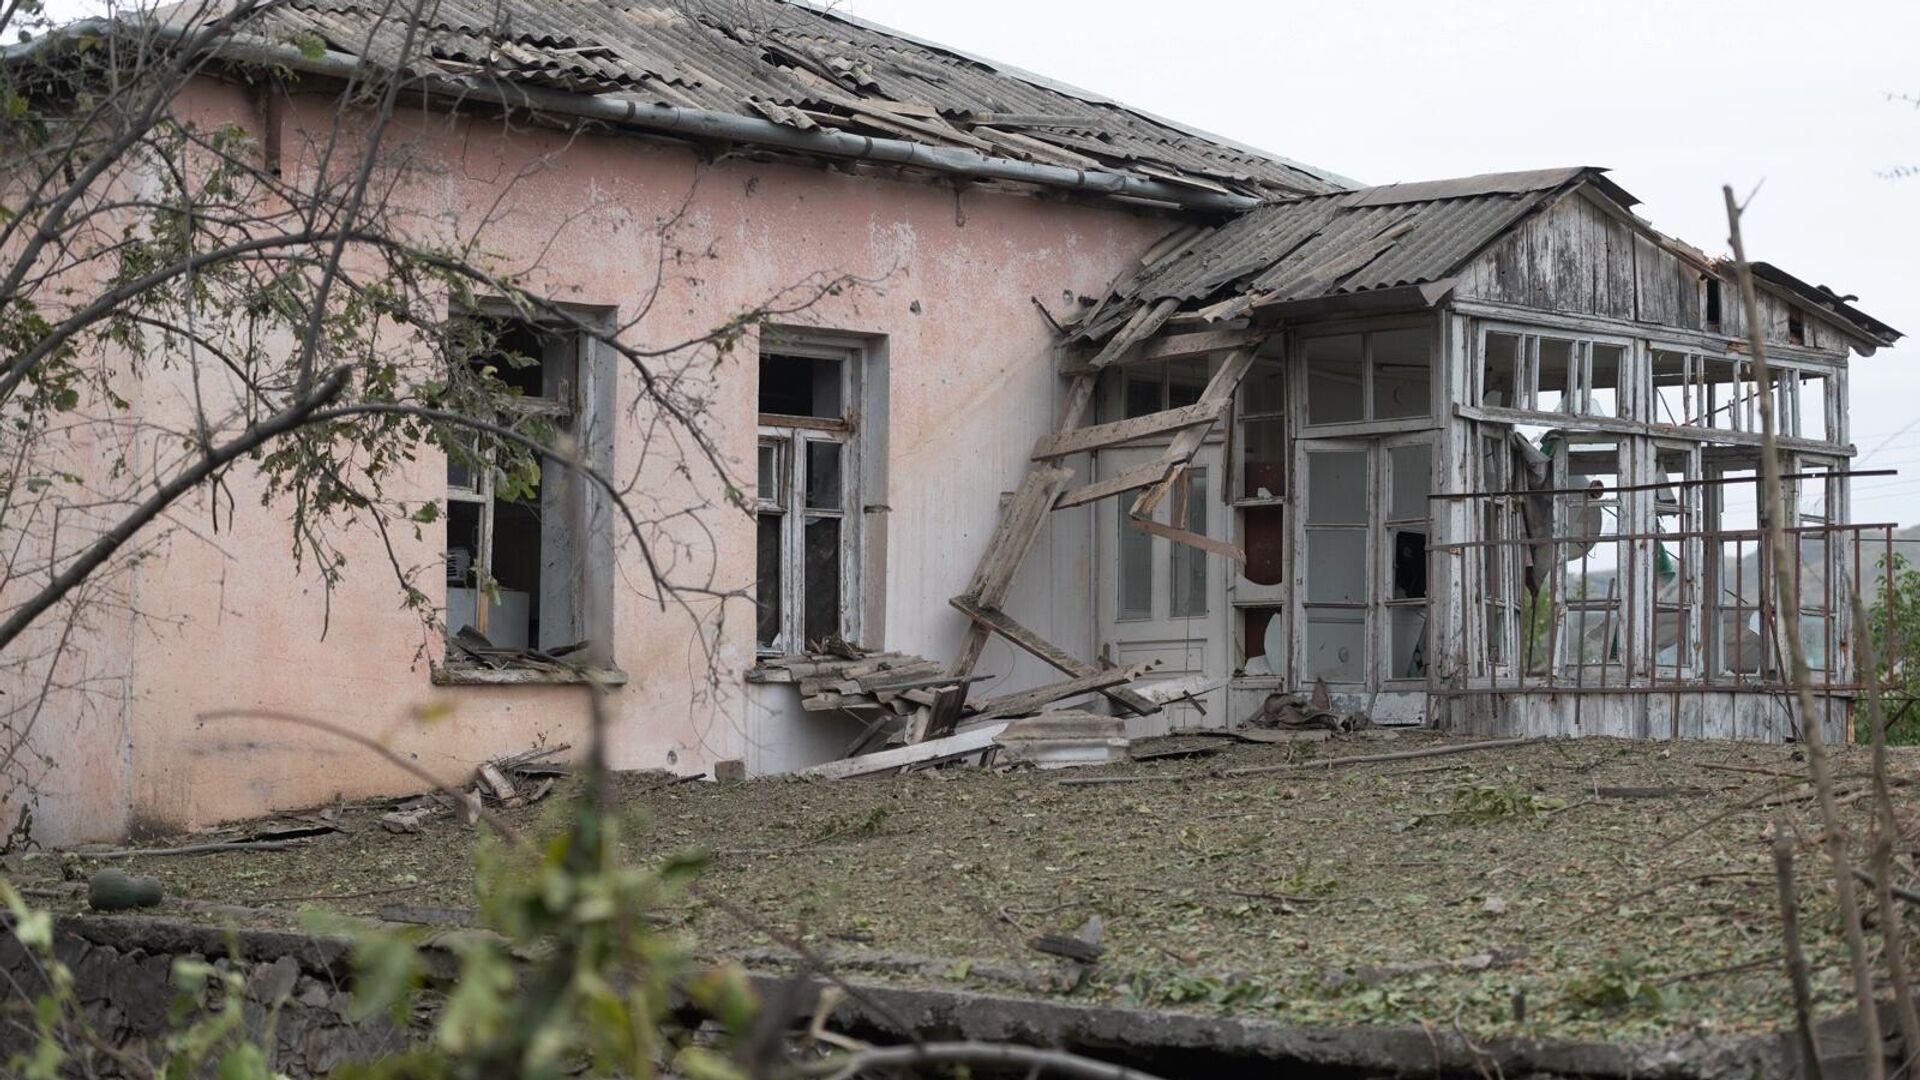 Дом в городе Мартуни непризнанной Нагорно-Карабахской Республики после обстрелов - РИА Новости, 1920, 29.09.2020